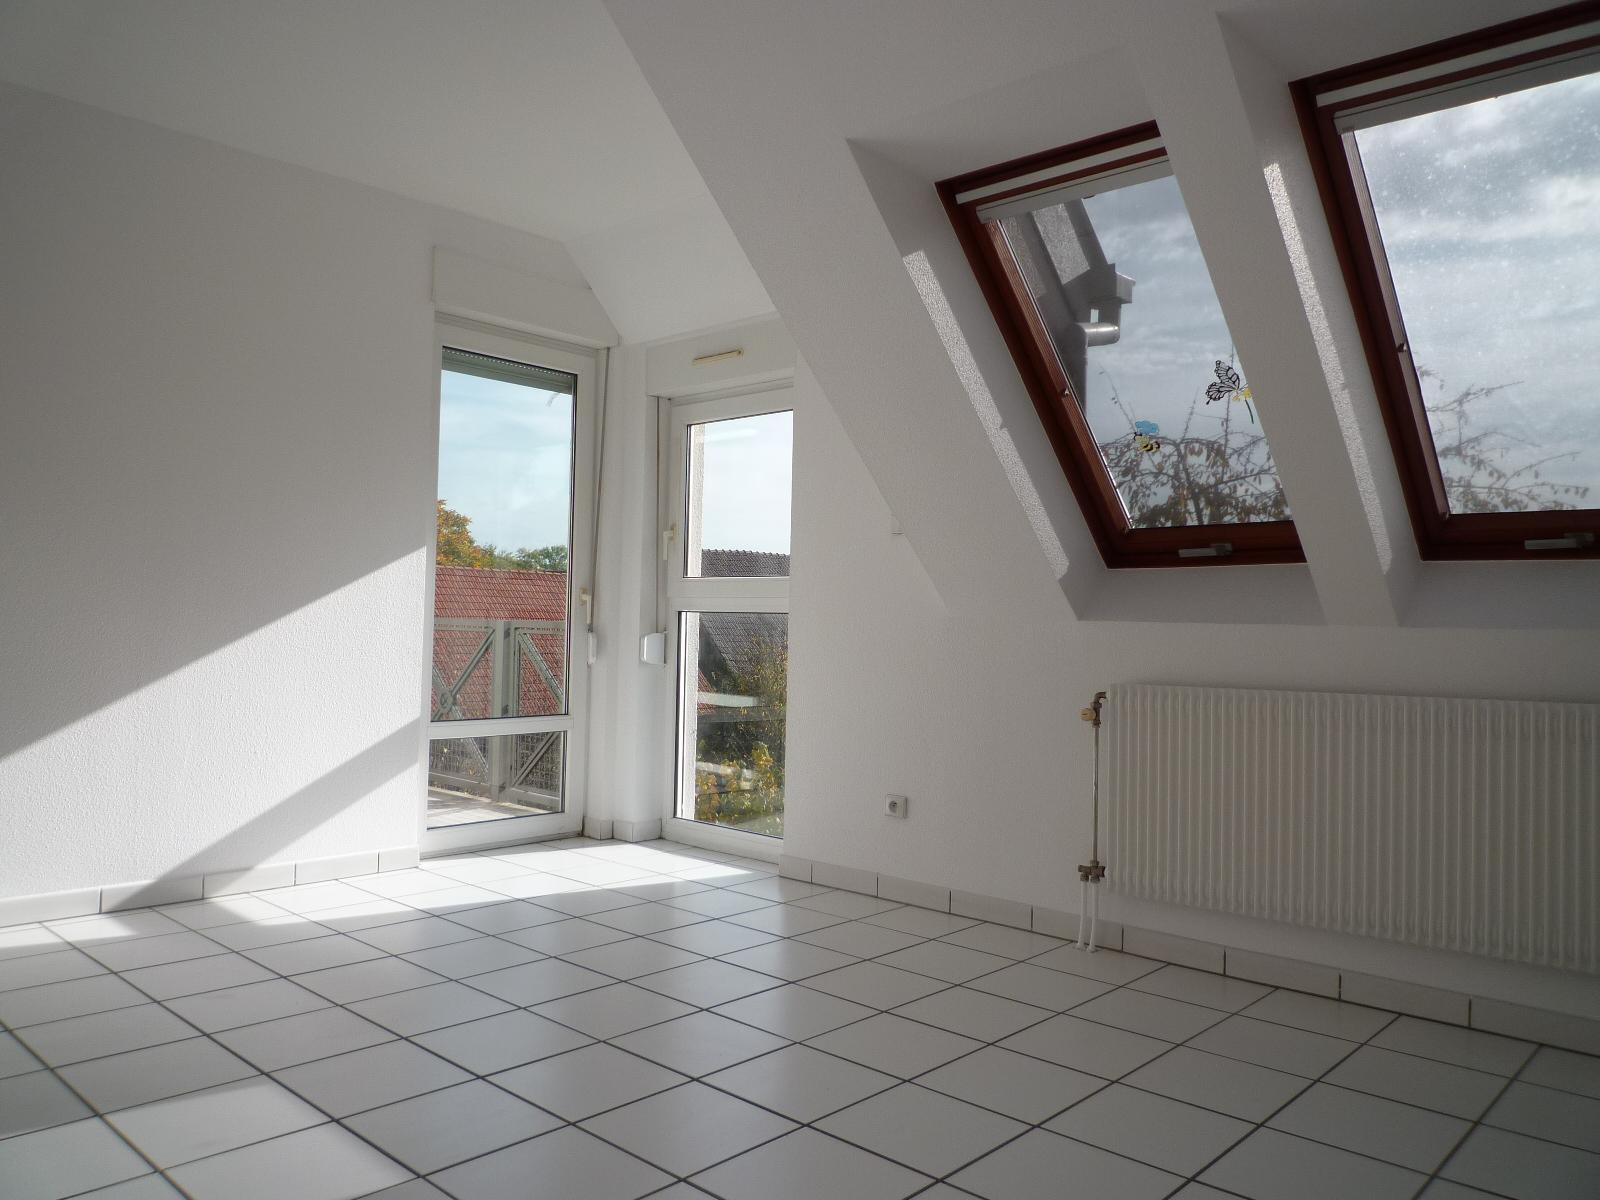 [Lila] Agréable 2 pièces avec balcon et garage - Fegersheim - nos locations - Beausite Immobilier 1